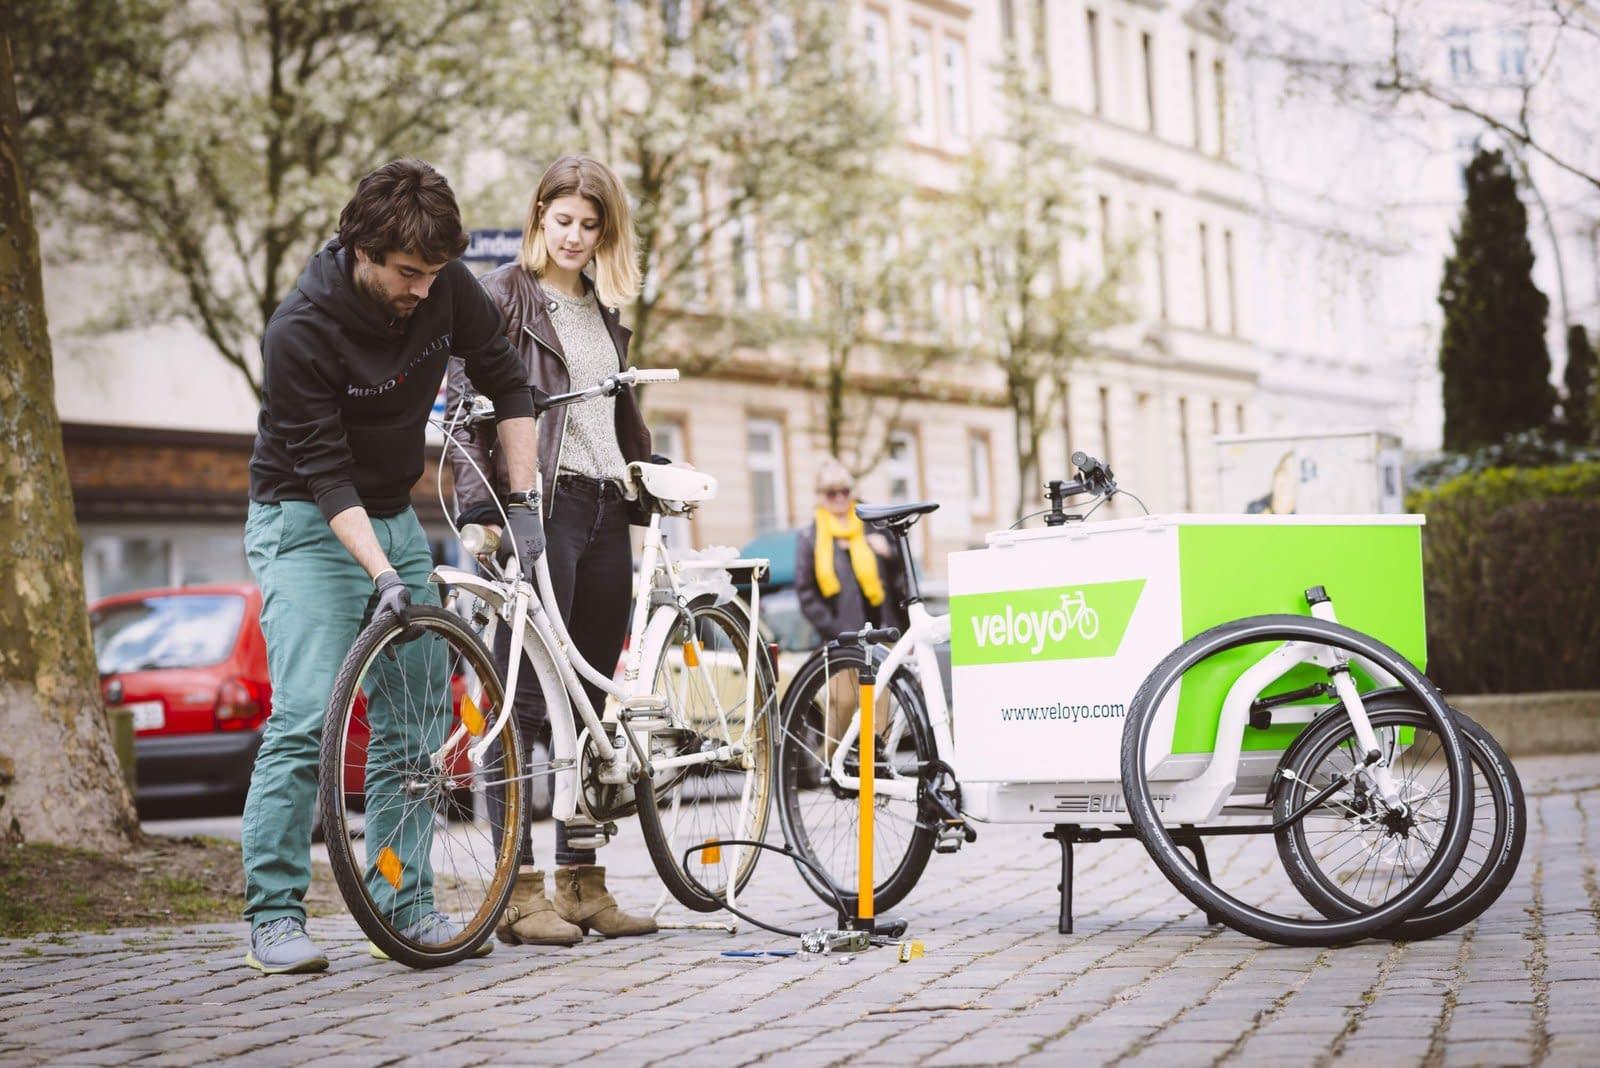 businessfotograf-hamburg-pressefotos-public-relations-pr-unternehmensfotografie-startup-gruender-fahrrad-veloyo-2